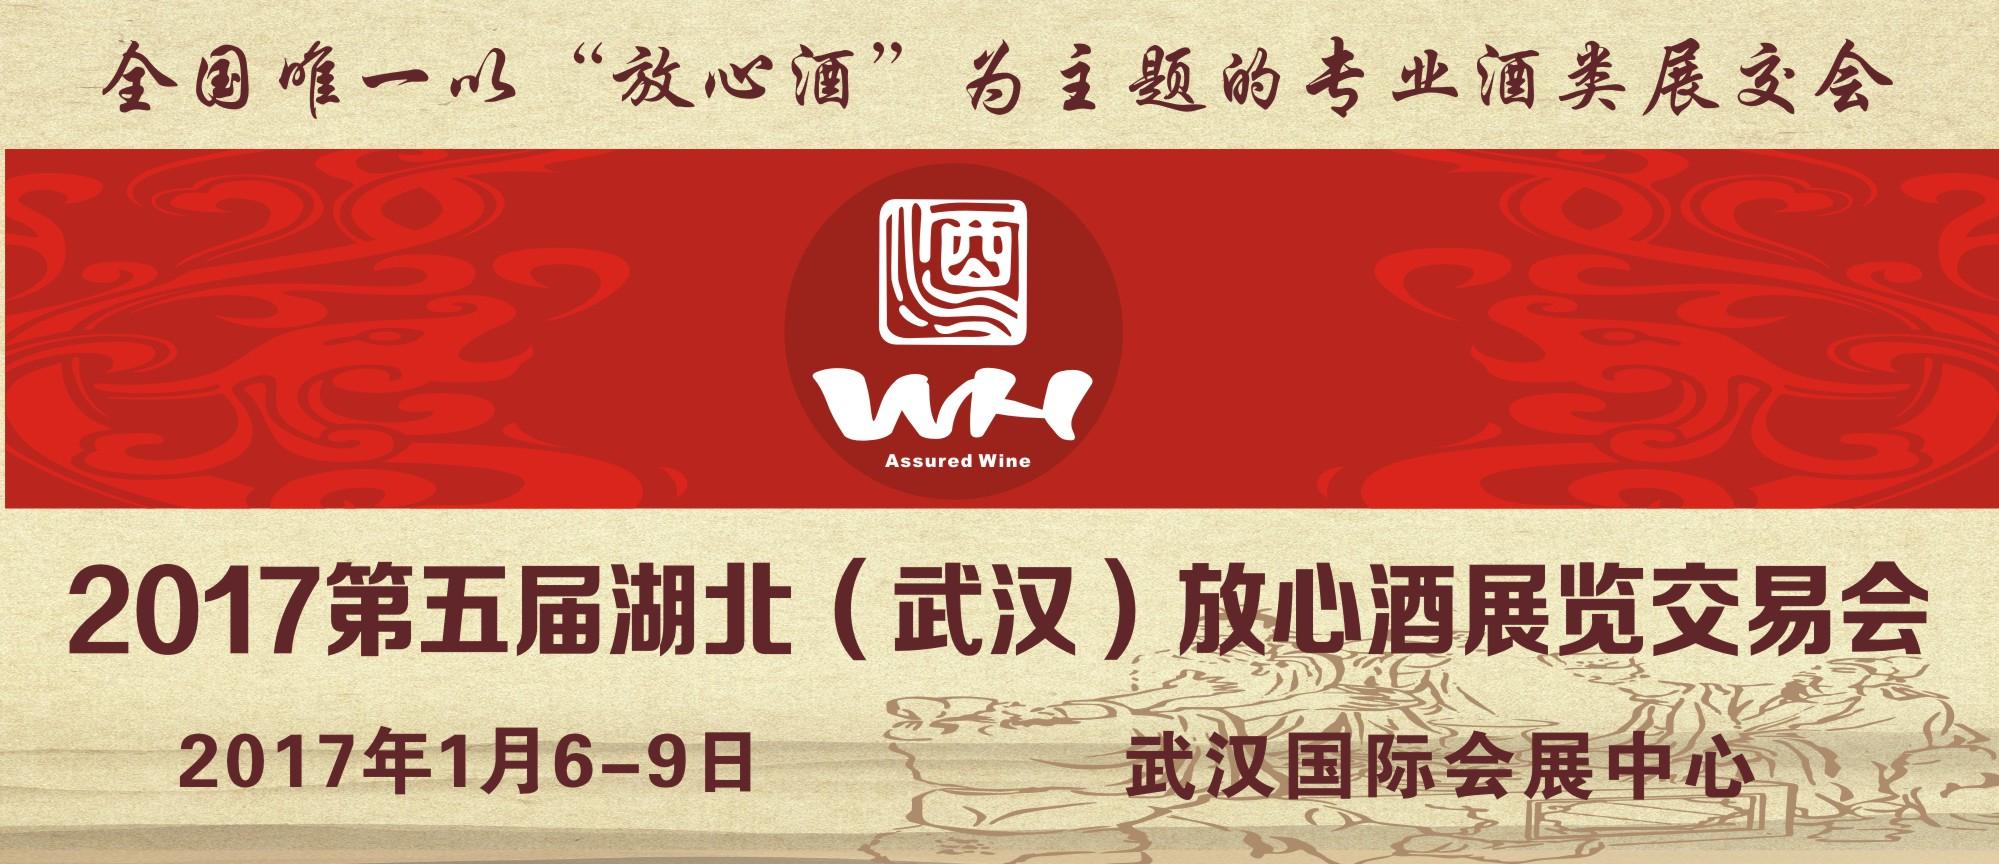 2016第四届湖北(武汉)放心酒展览交易会